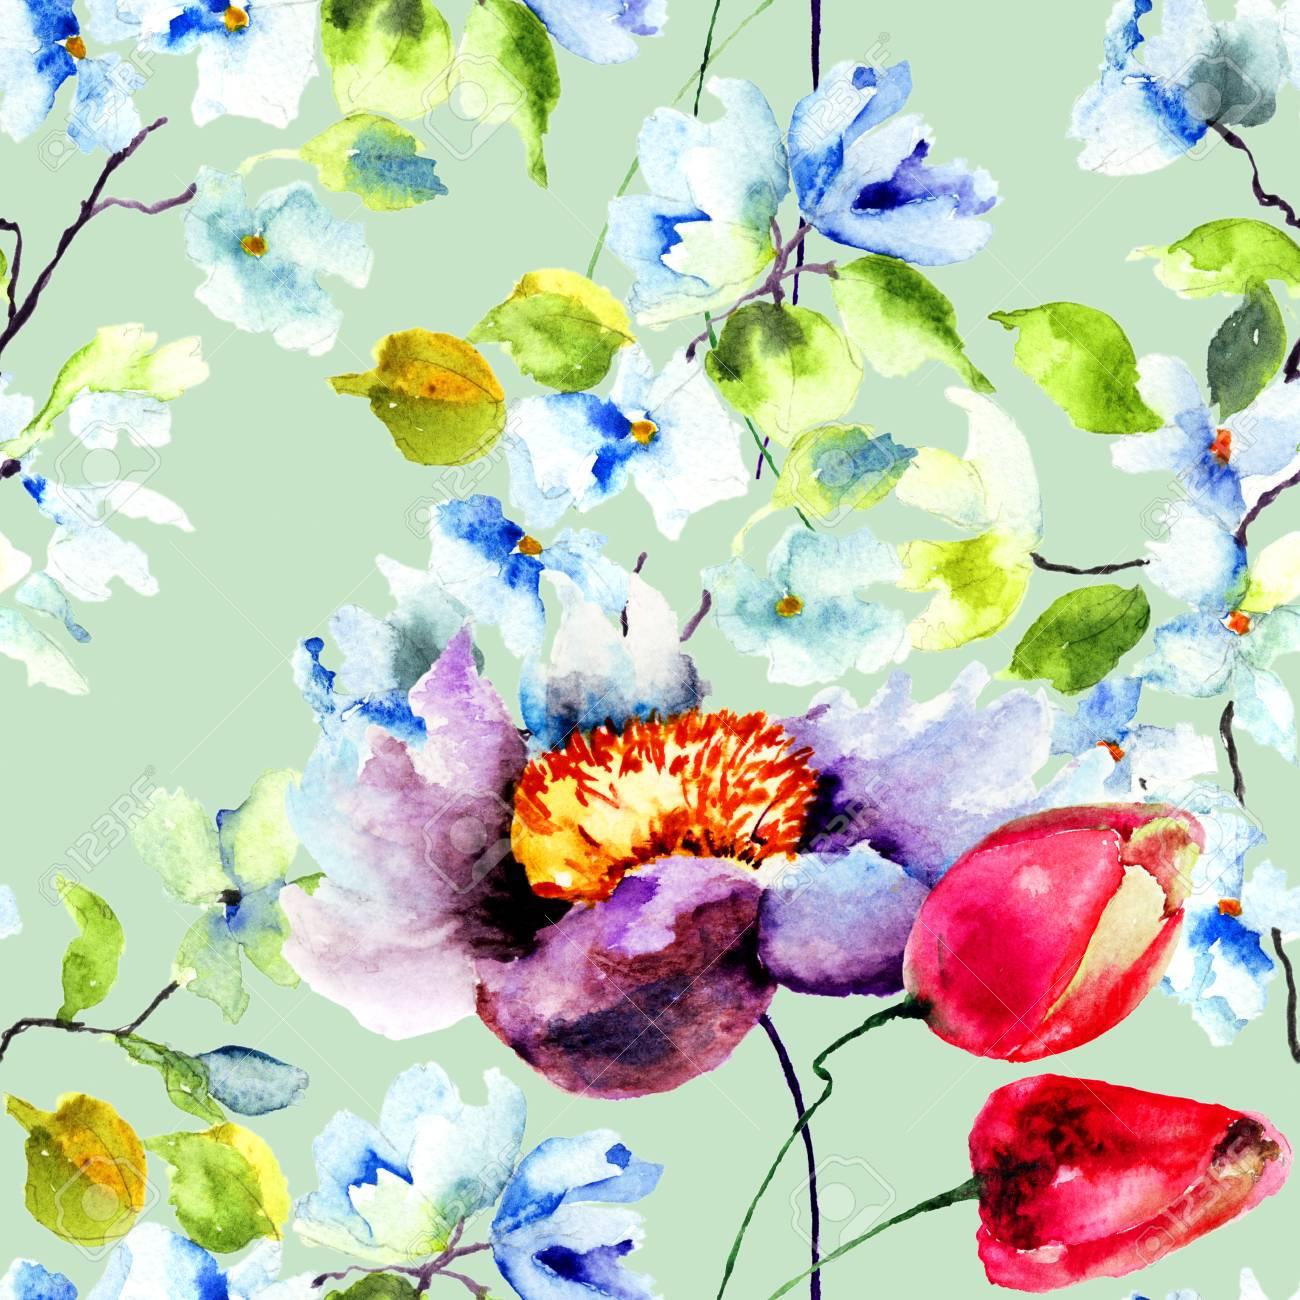 春の花 水彩イラストでシームレスな壁紙 の写真素材 画像素材 Image